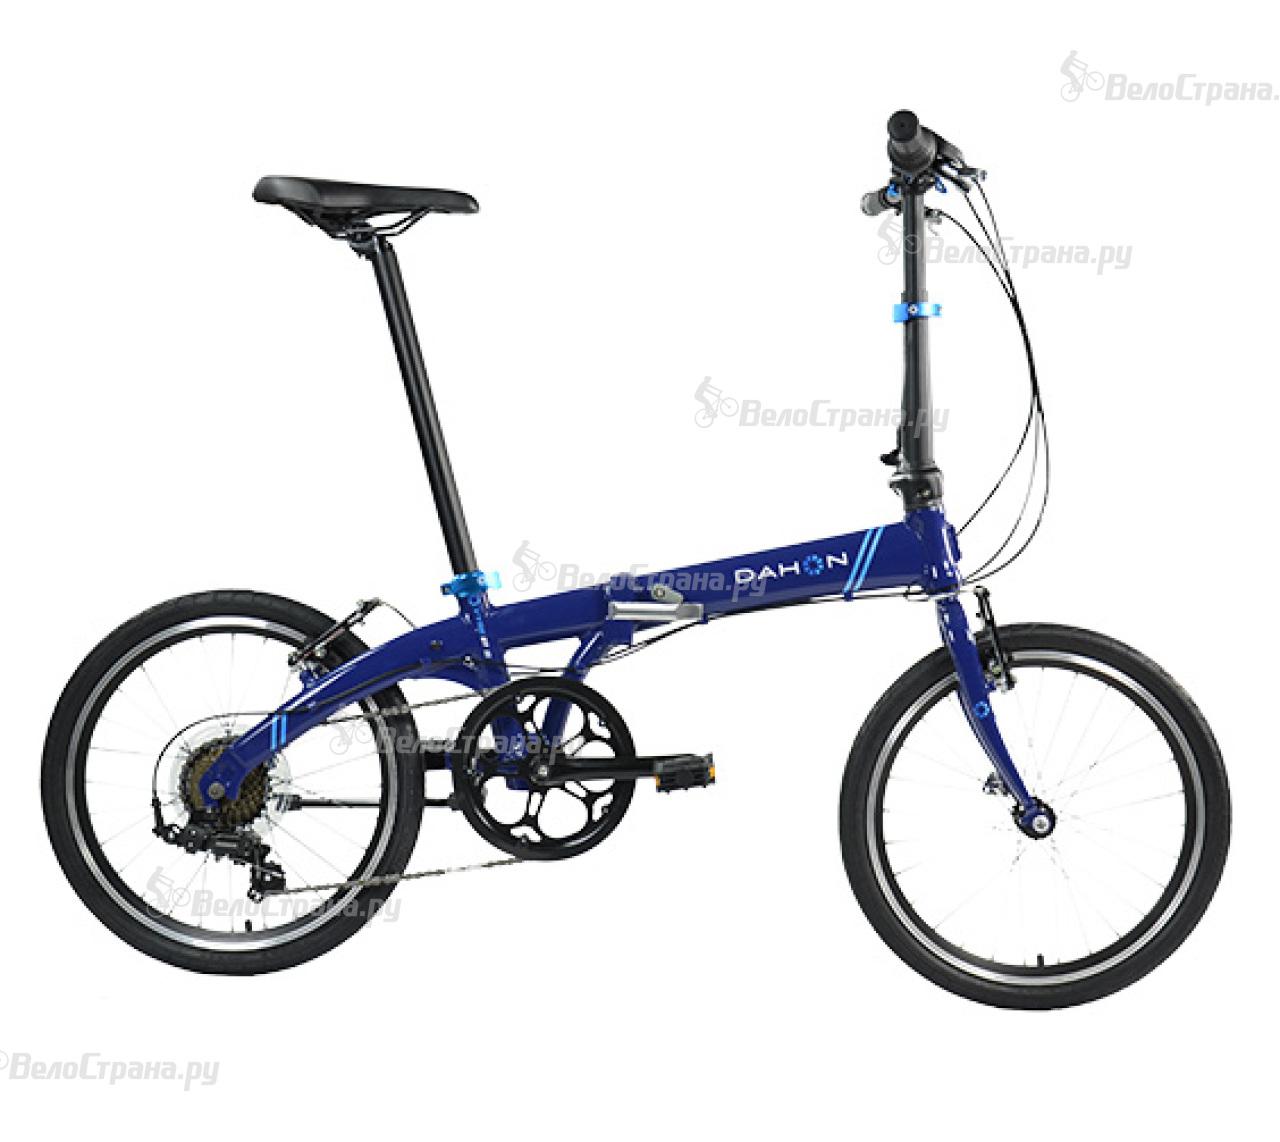 Велосипед Dahon Vybe D7 S (2017) велосипед dahon vybe d7 u 2017